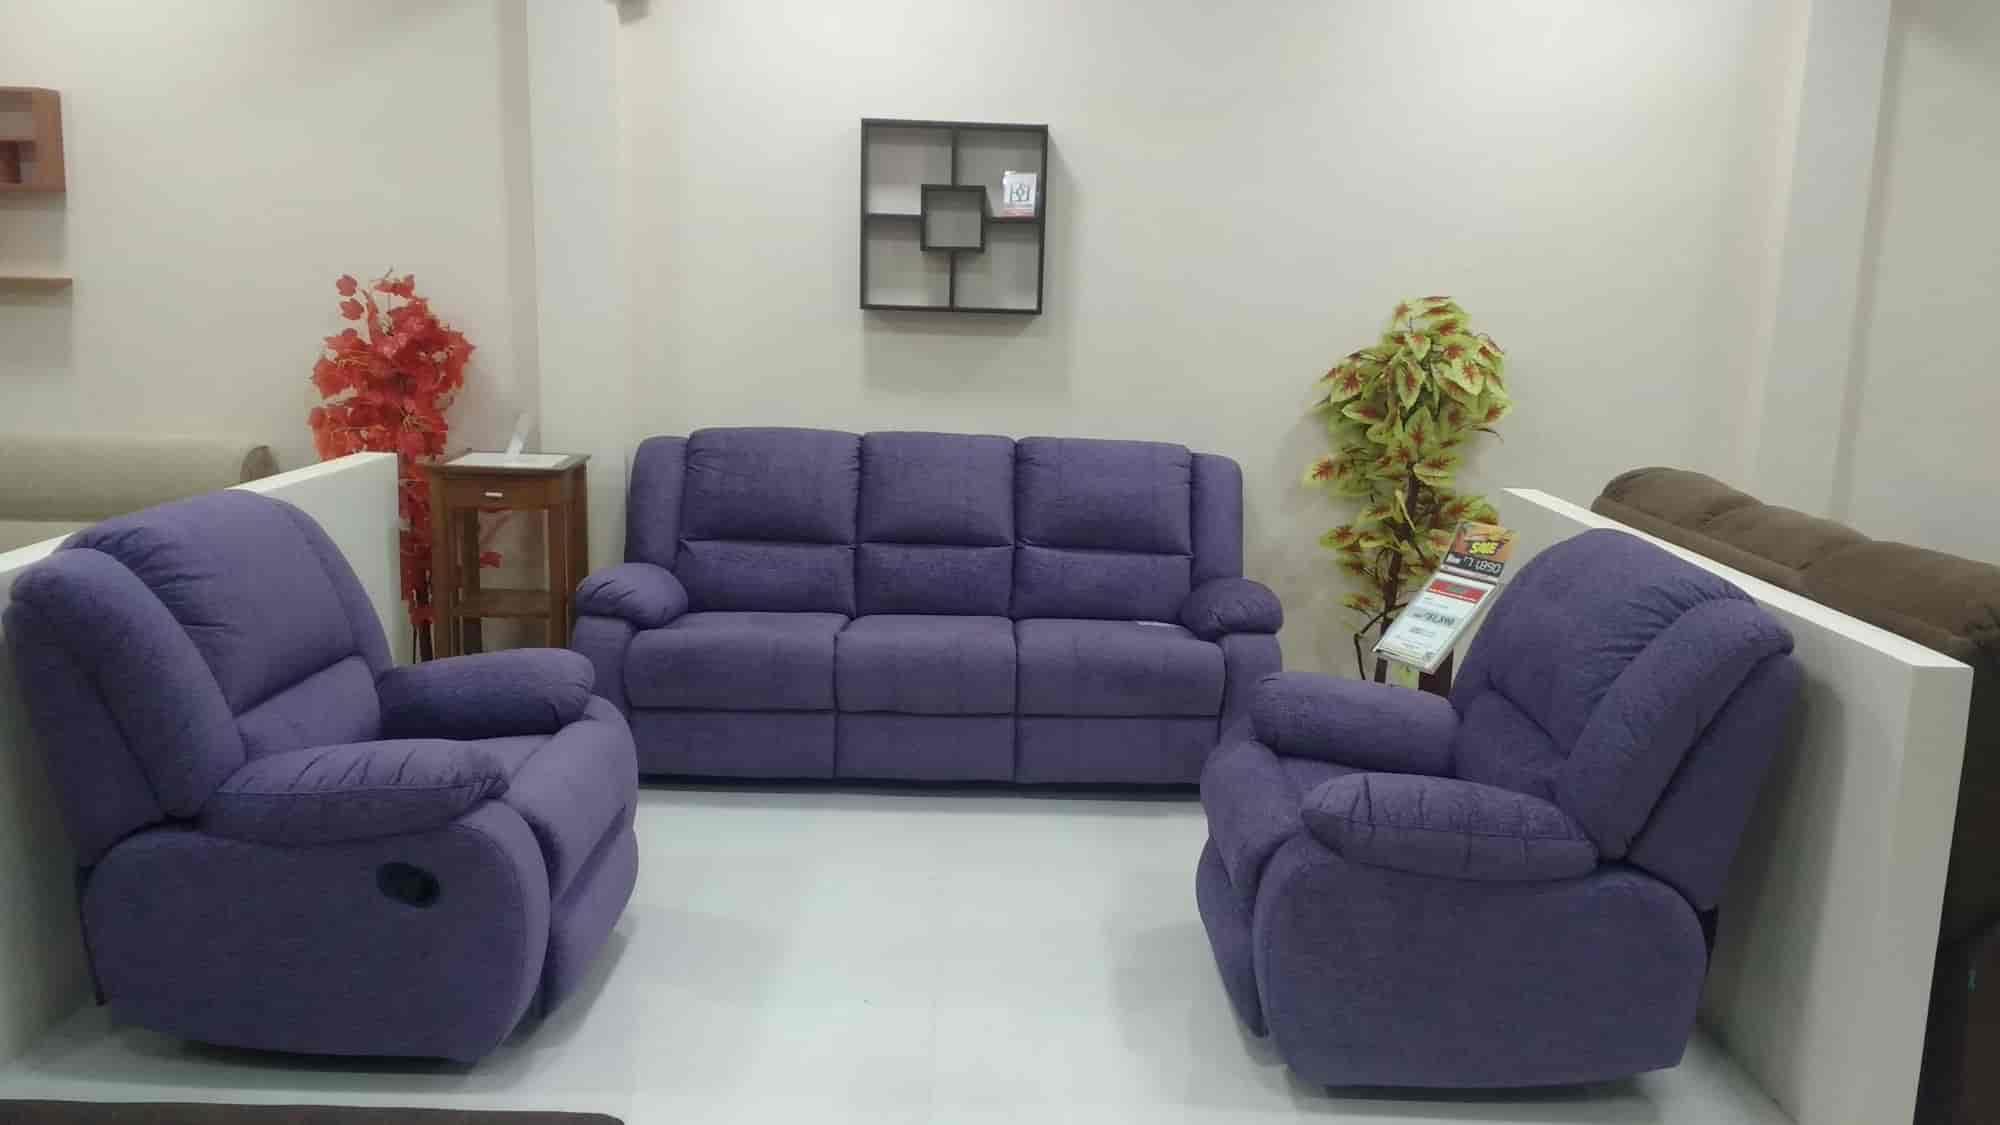 Damro Furniture Decor damro furniture pvt ltd - furniture dealers in kanchipuram - justdial